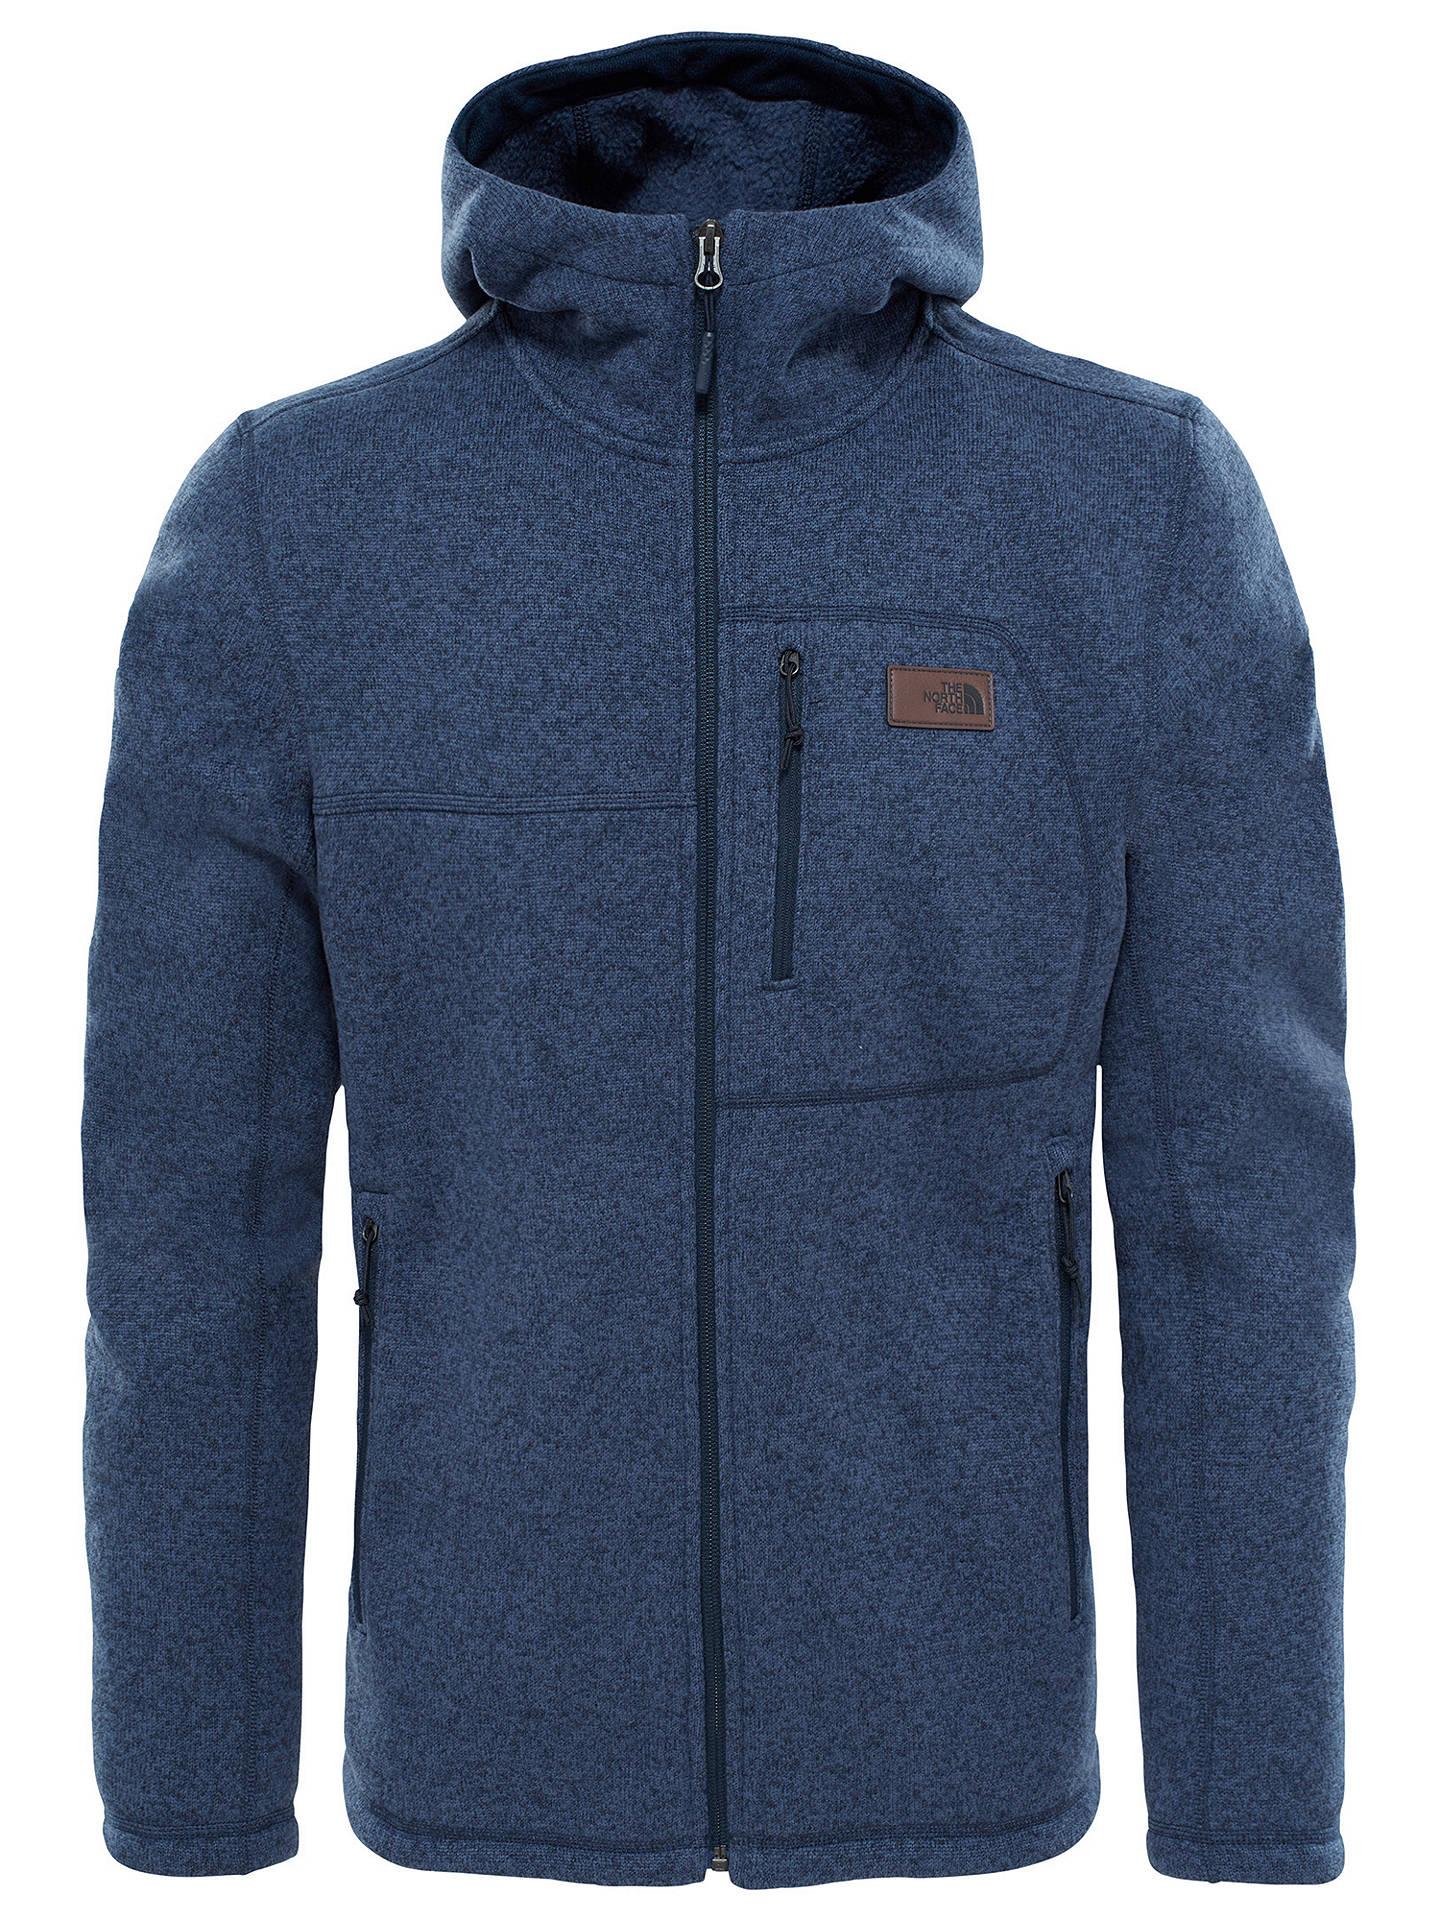 357cc1862ba0a Buy The North Face Gordon Lyons 1 4 Zip Men s Fleece